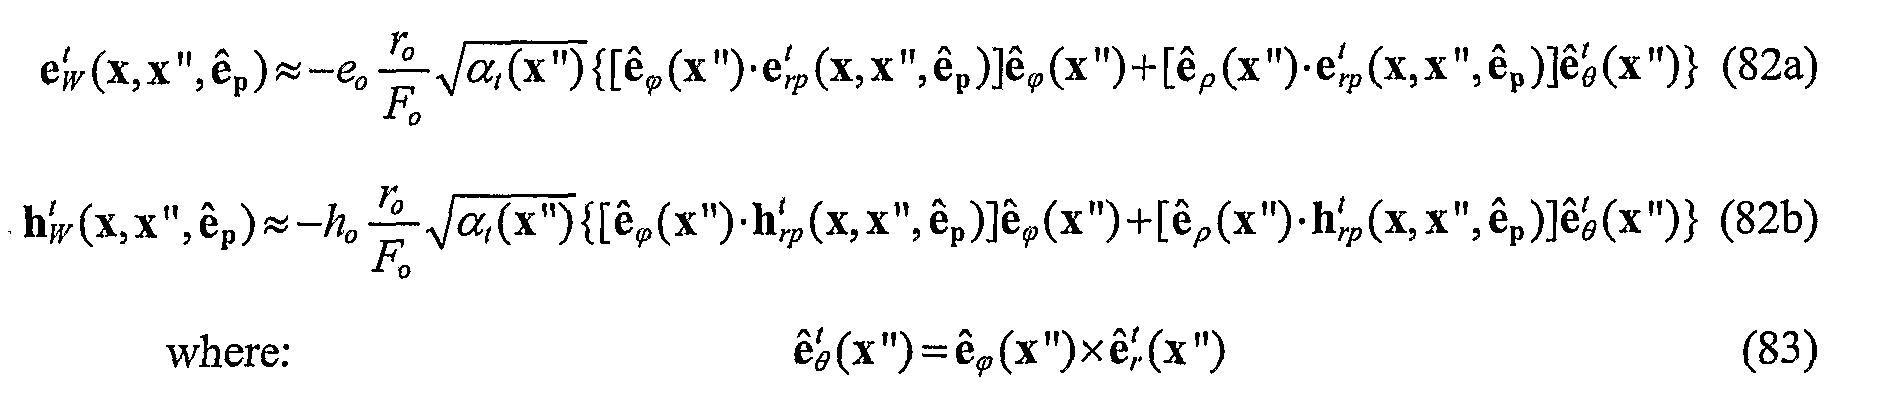 Figure imgf000127_0004